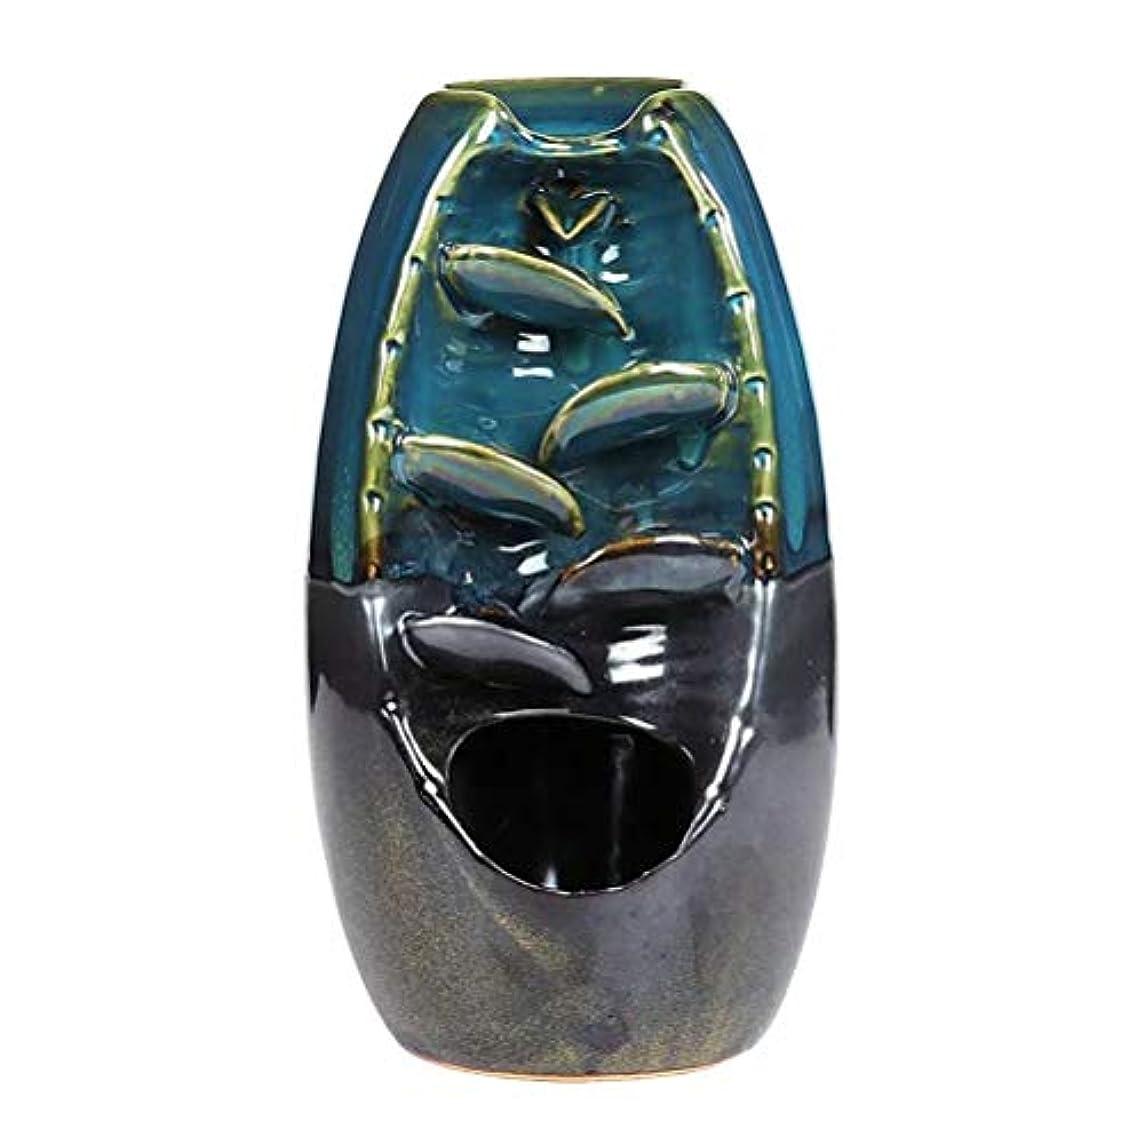 バン認可苦いVosarea 逆流香バーナー滝香ホルダーアロマ飾り仏教用品(青)